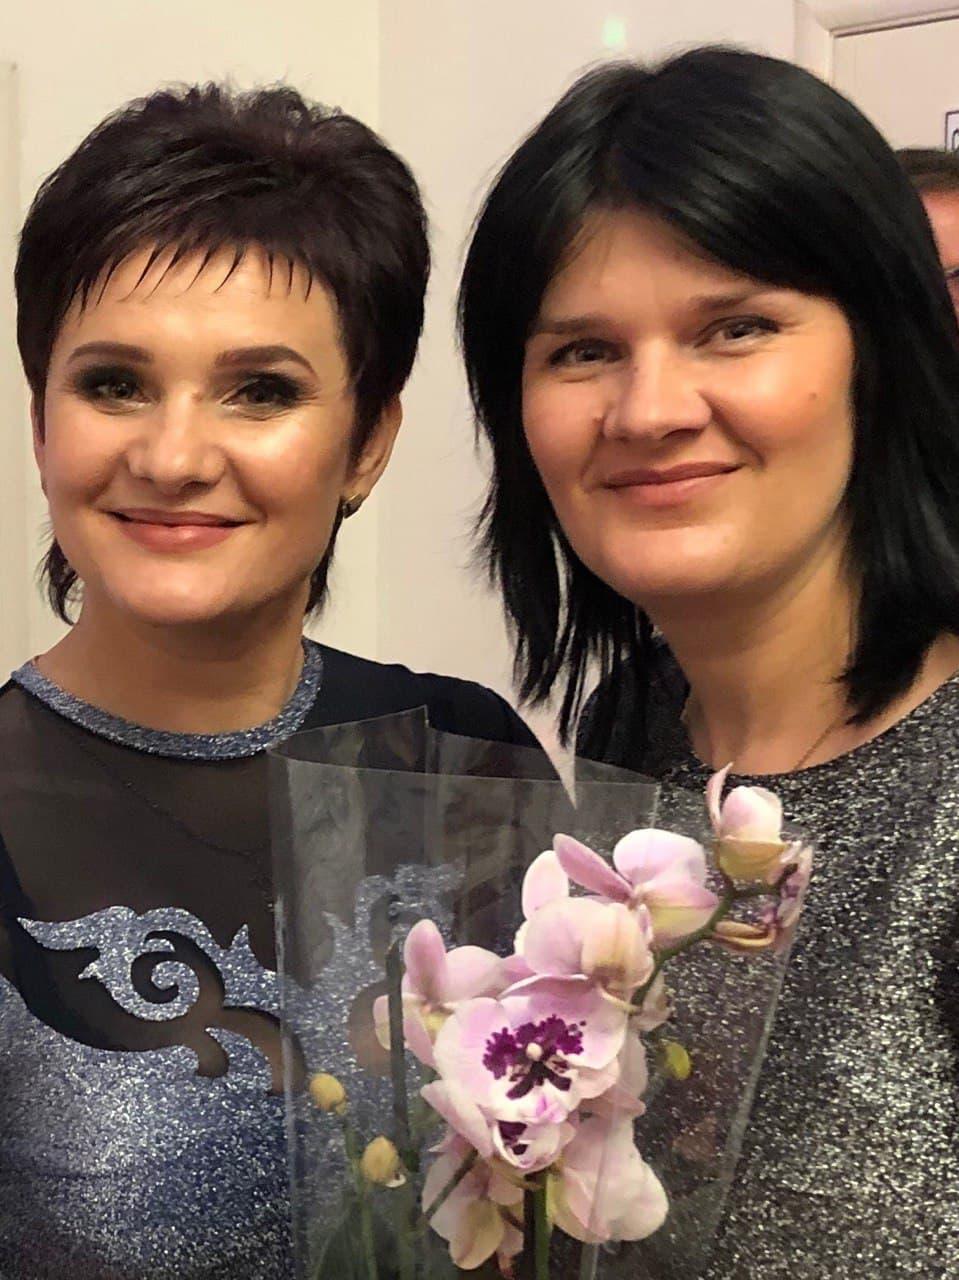 «Да, я абсолютно счастливая женщина!» - Наталья Тодорова: интервью к 8 Марта с главой Сафьяновского сельсовета (экс-главой Измаильской РГА)